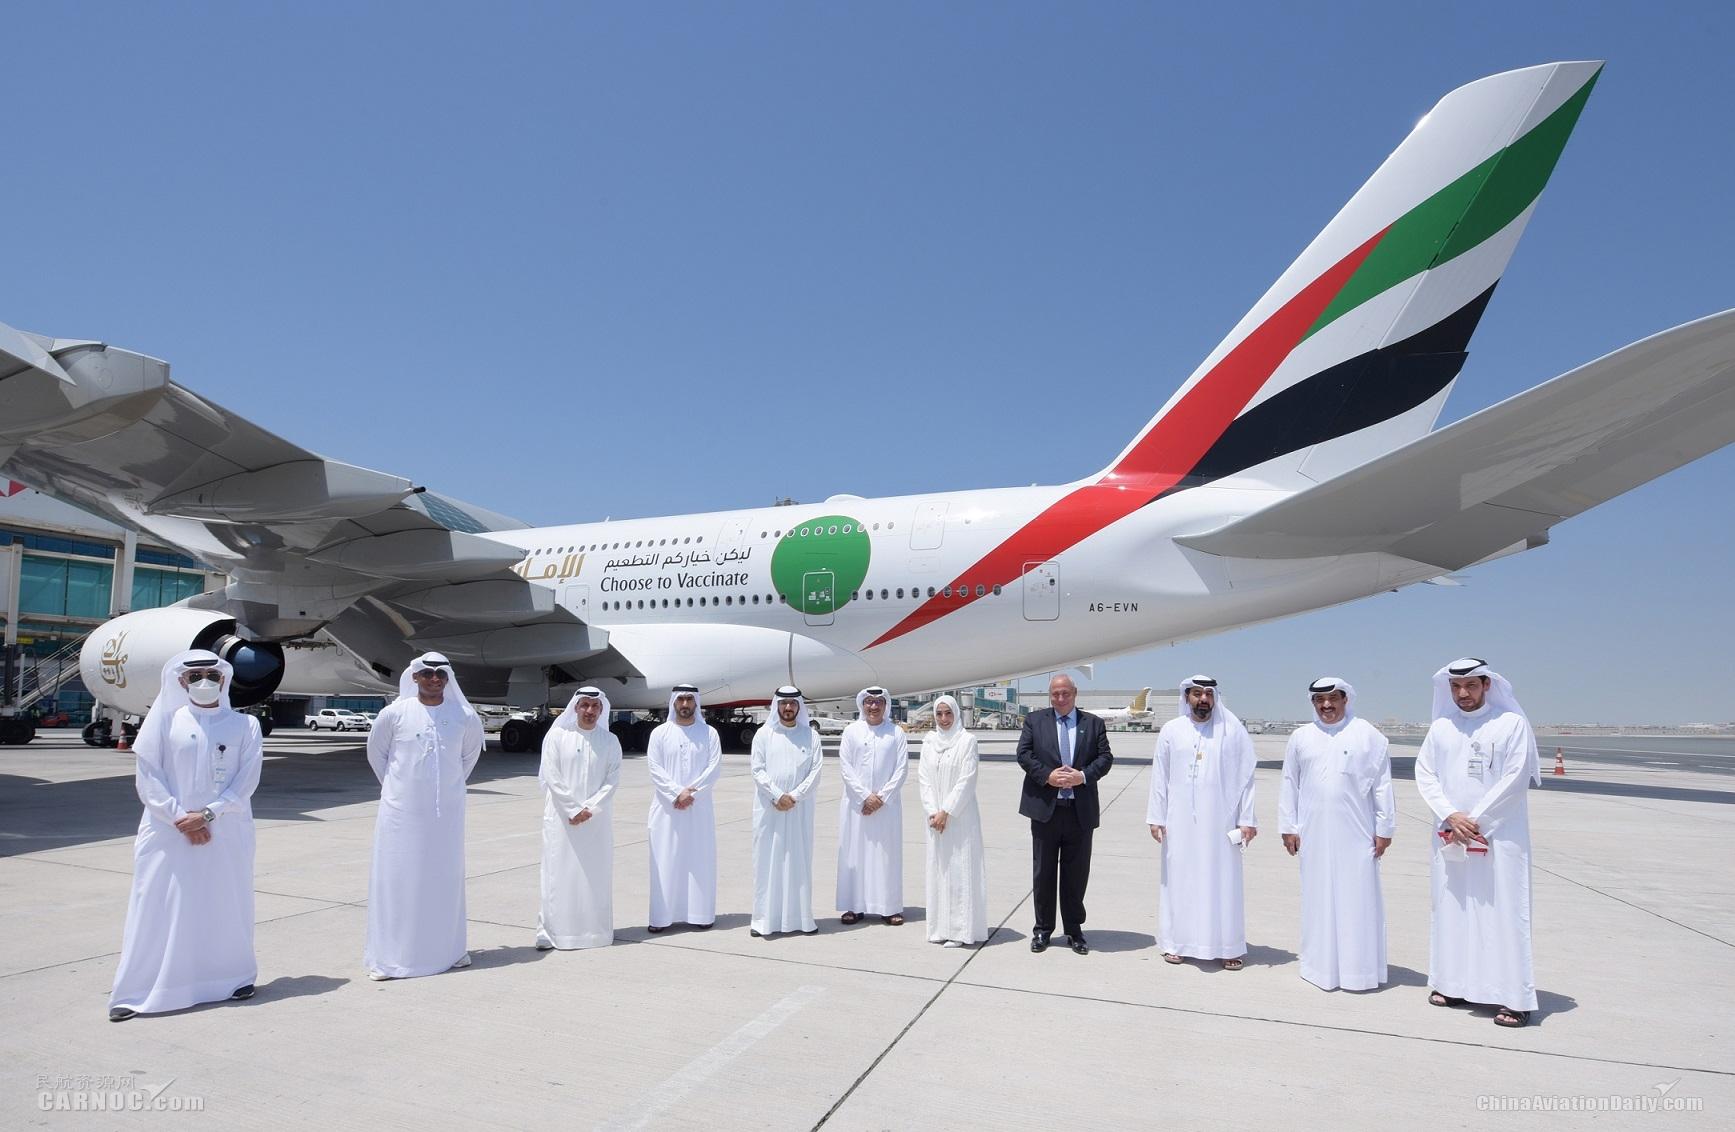 阿联酋航空运营里程碑式EK2021特别航班